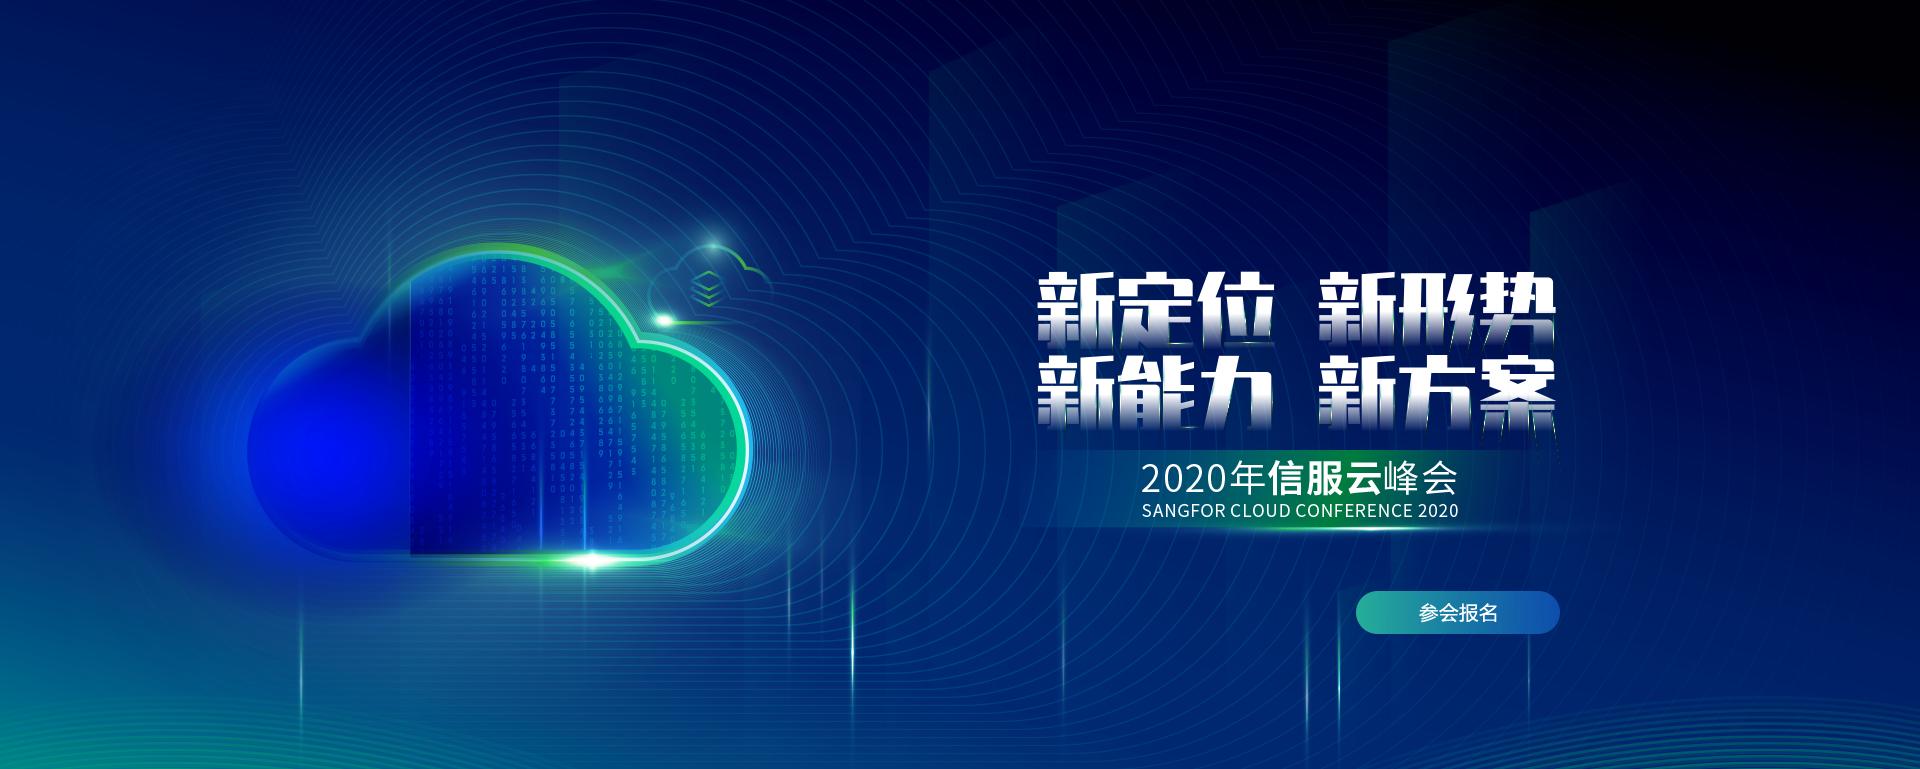 2020年信服云峰会